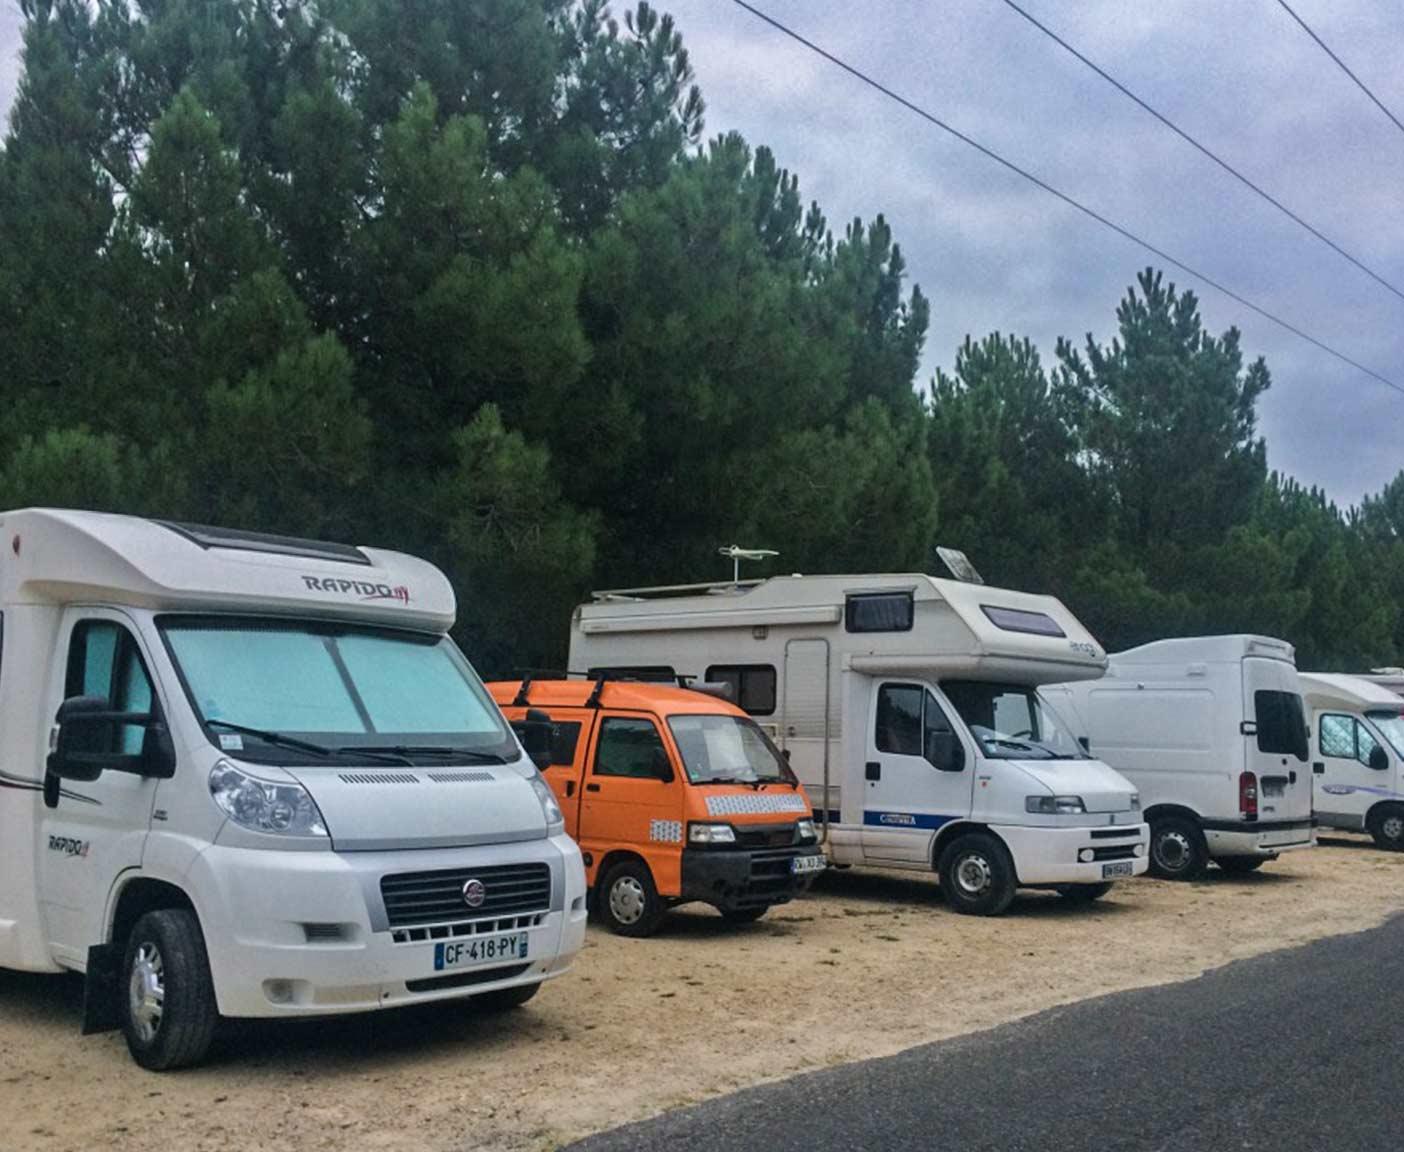 piaggio porter-minicamper-minivan-camper-mini-wohnmobil-kleiner-selbstausbau-3